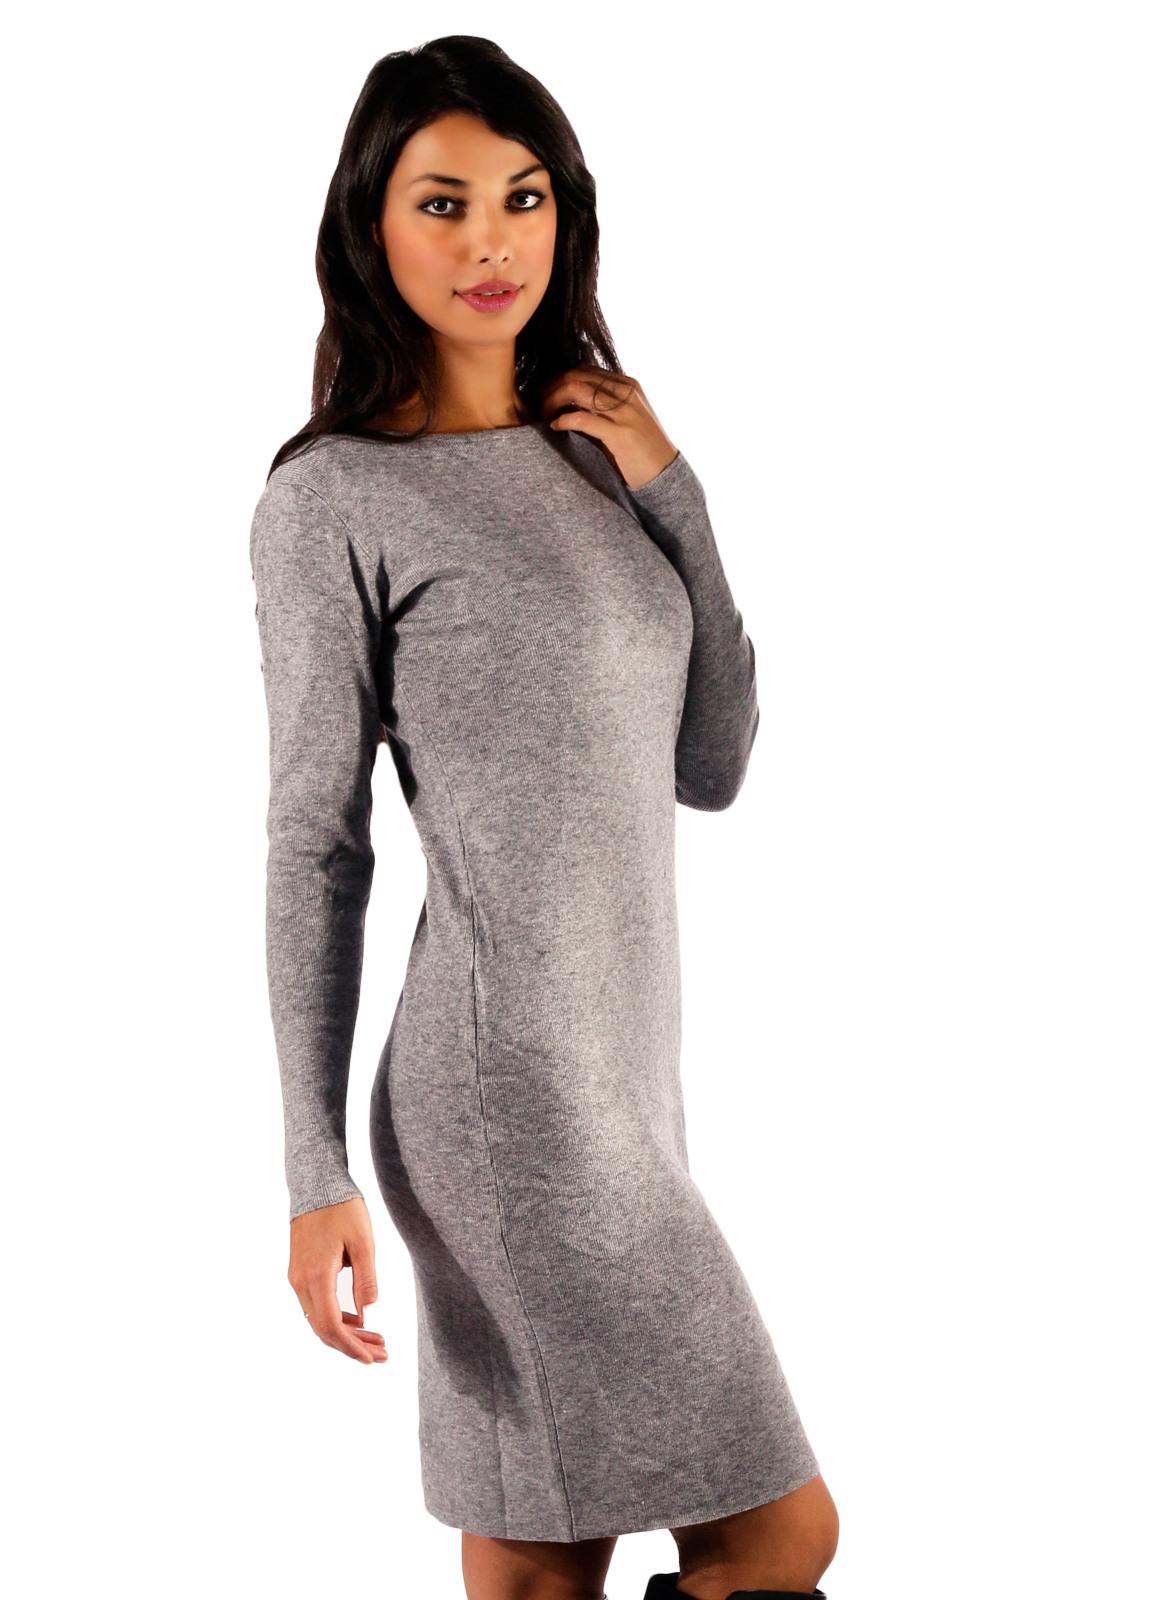 Abend Genial Kleid Grau Langarm VertriebAbend Genial Kleid Grau Langarm für 2019